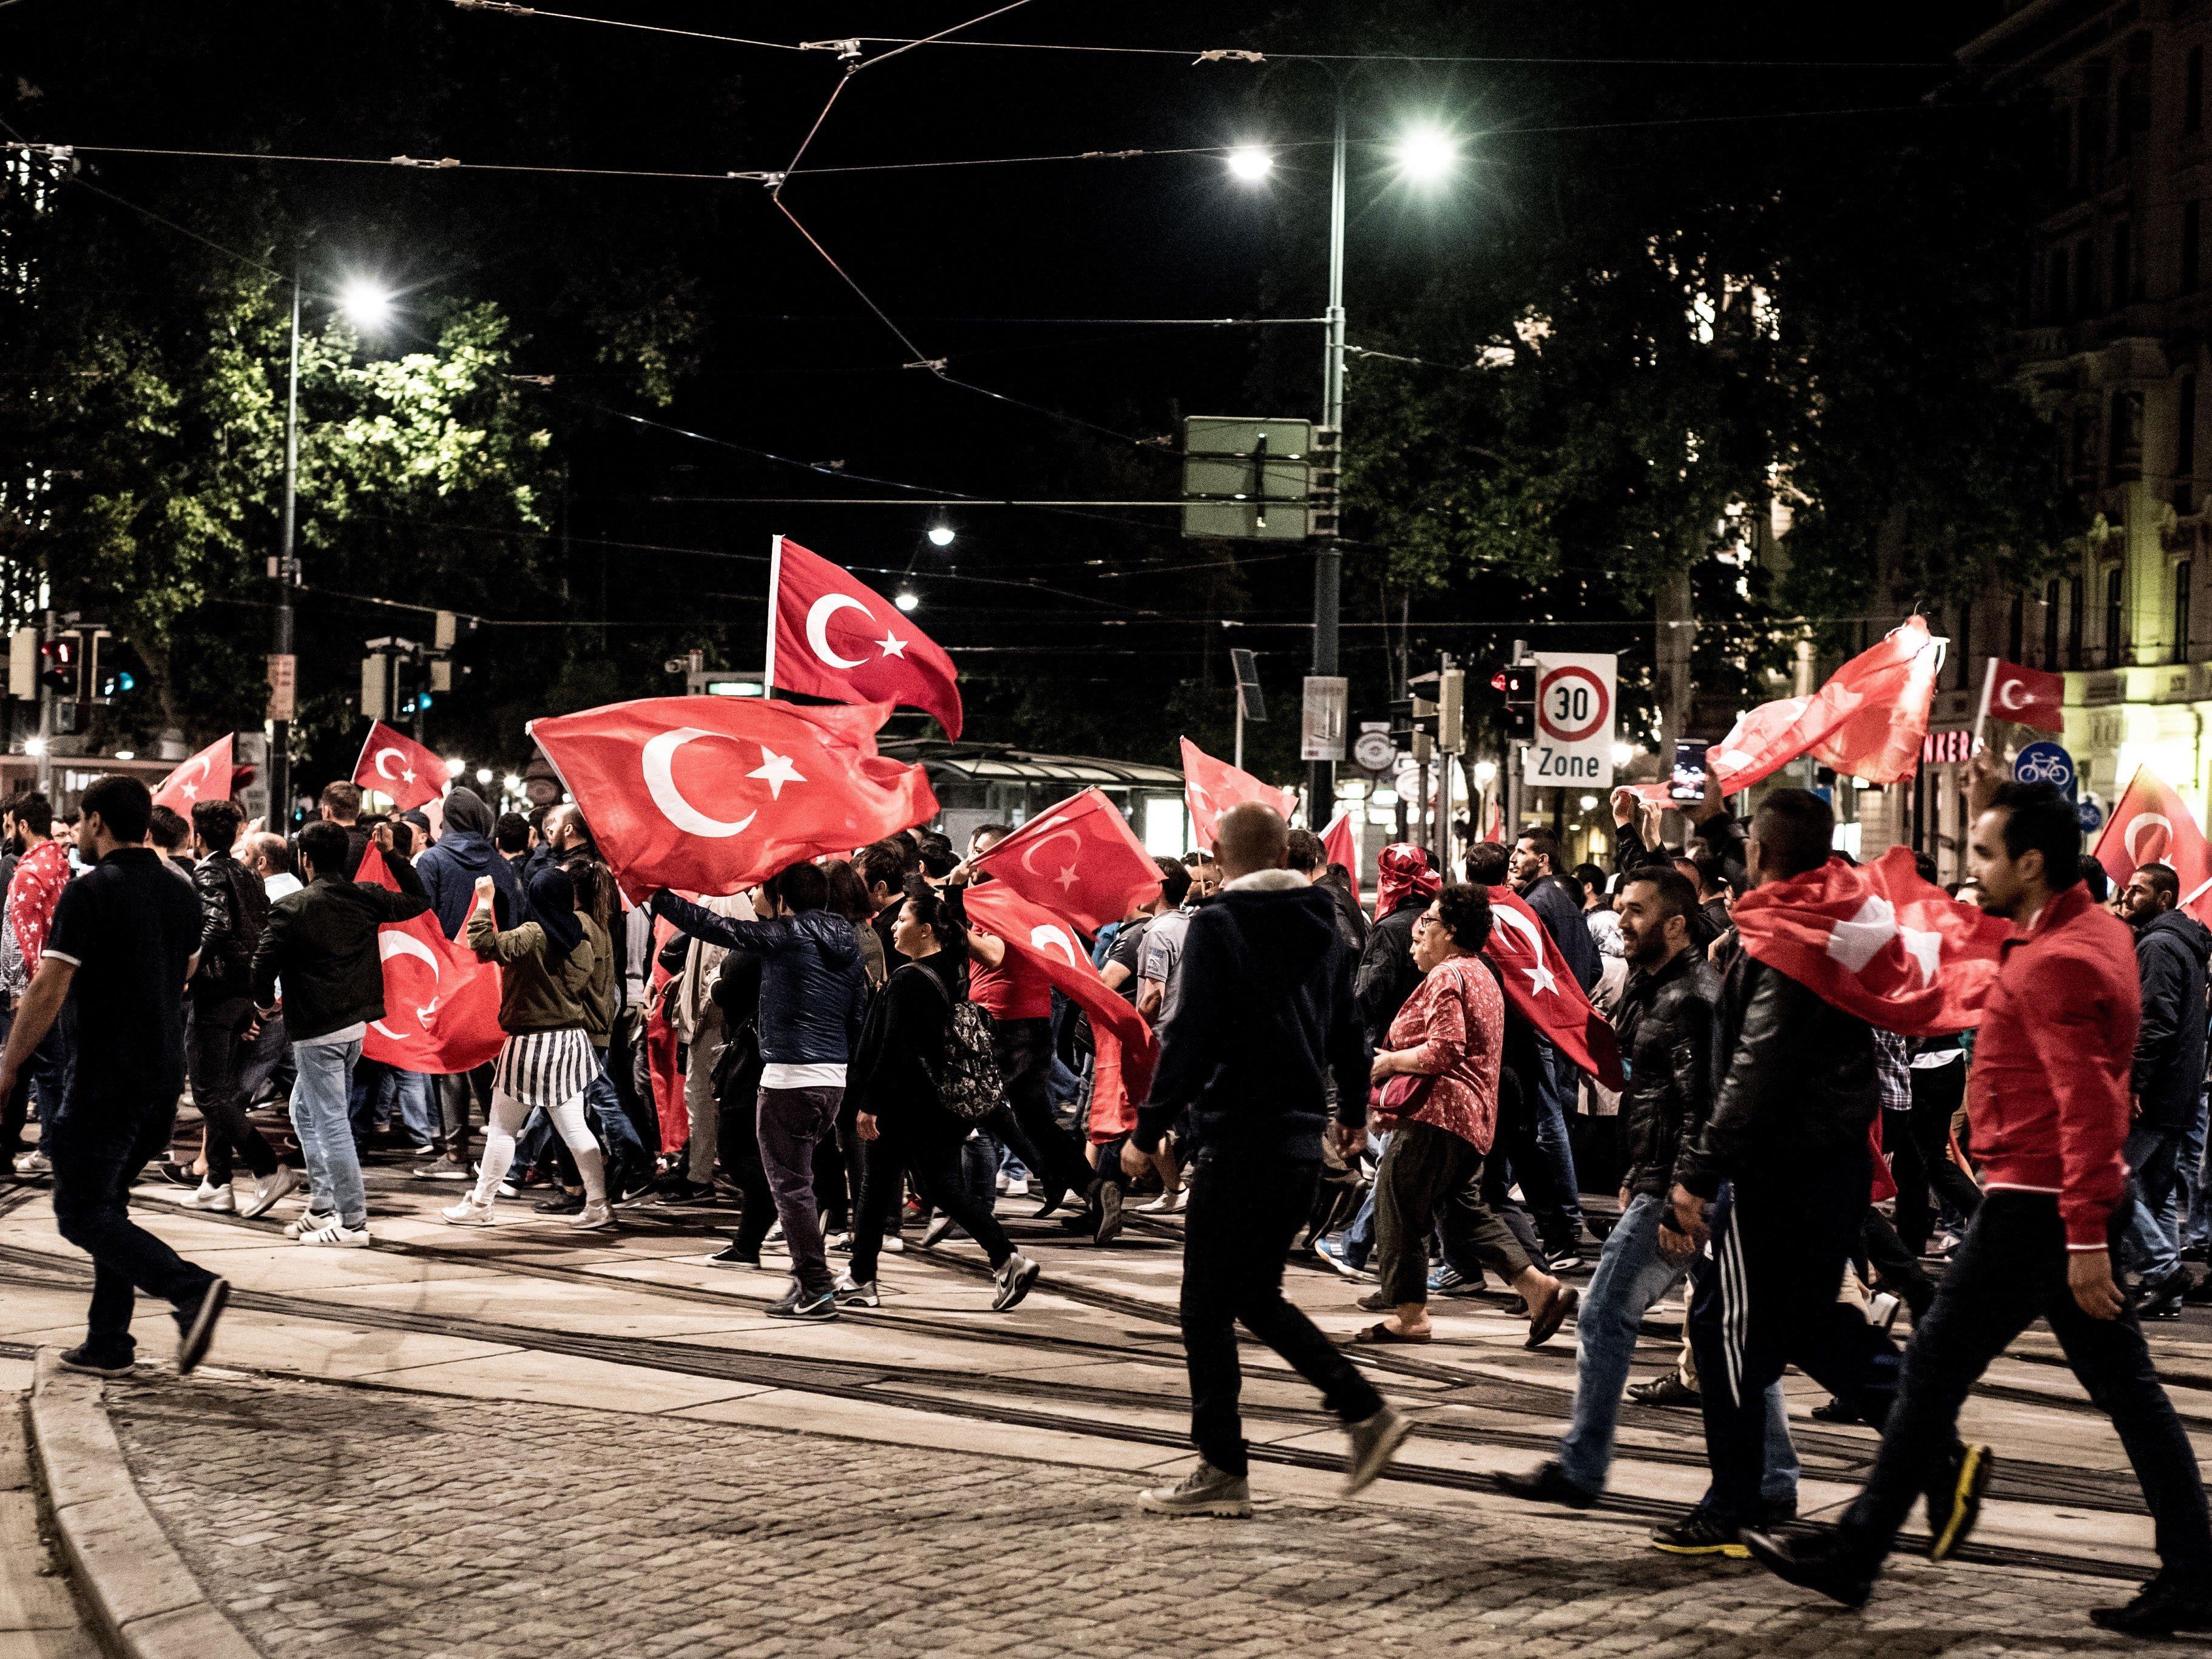 Bei der Pro-Erdogan-Demo am Samstag in der Wiener Innenstadt